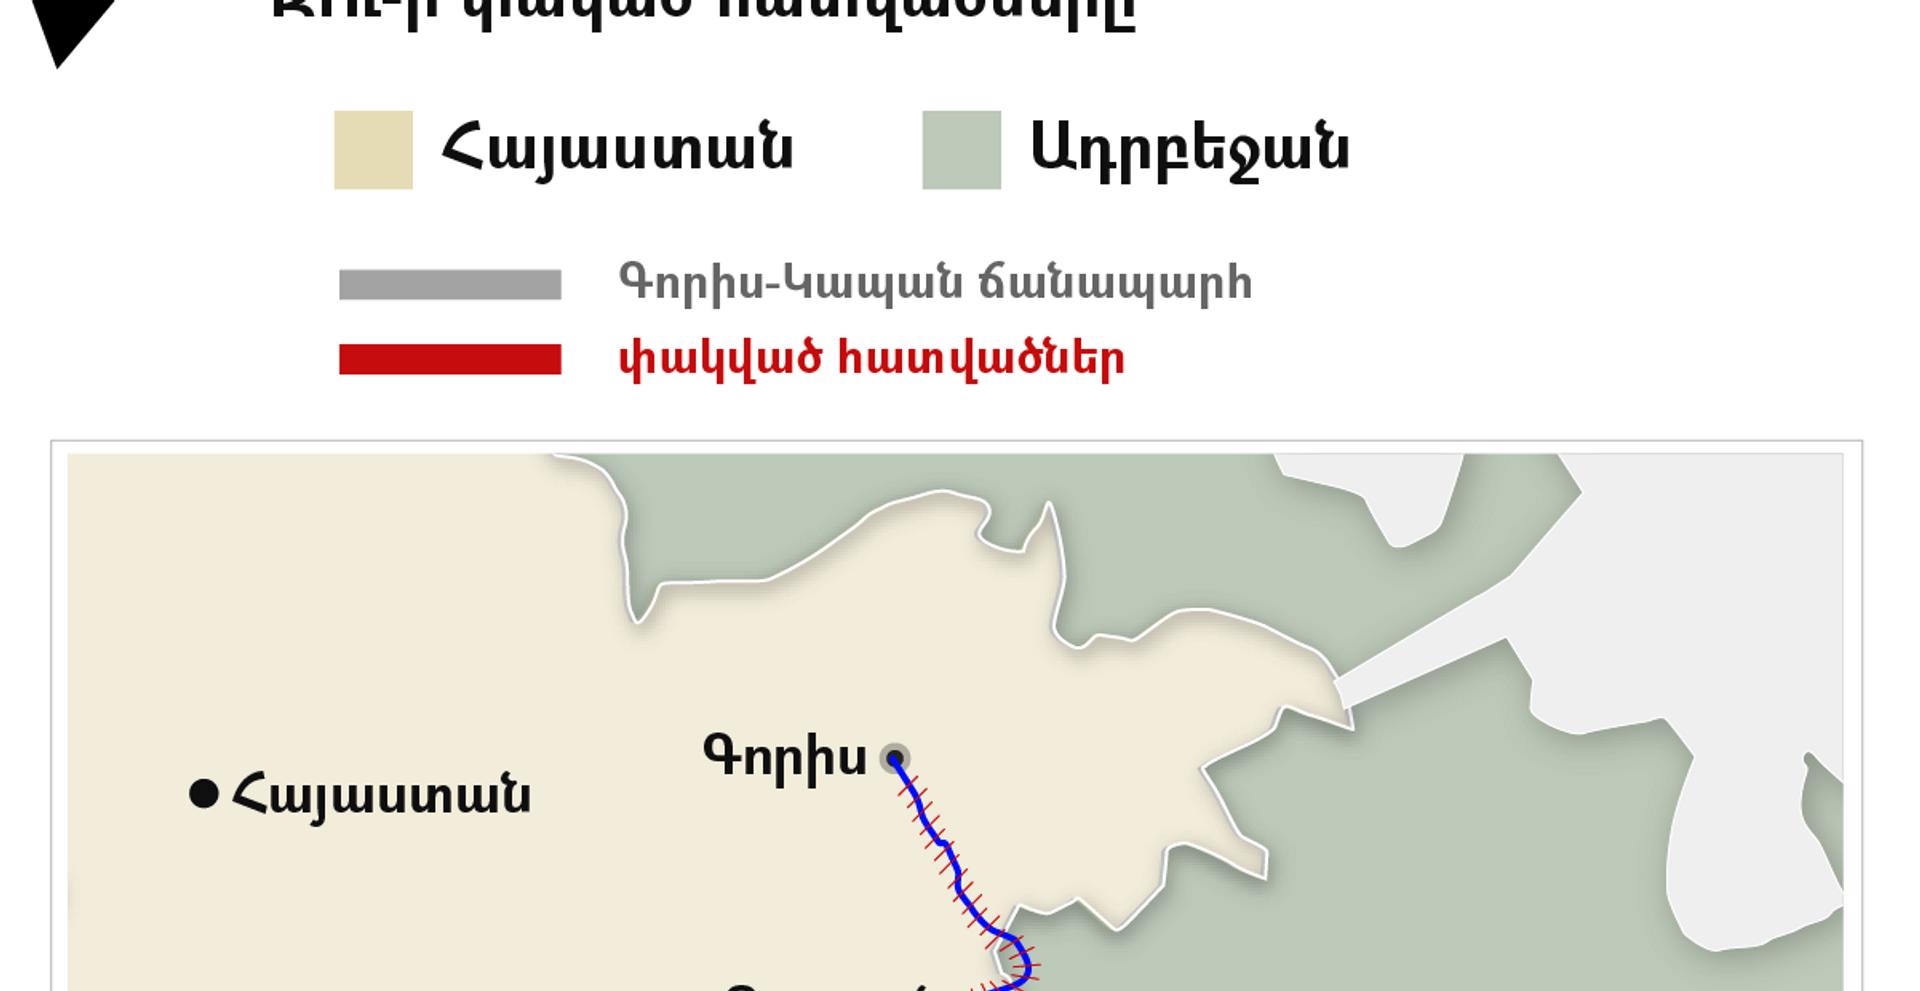 Գորիս-Կապան ճանապարհի` ադրբեջանական ԶՈւ-ի փակած հատվածները - Sputnik Արմենիա, 1920, 26.08.2021